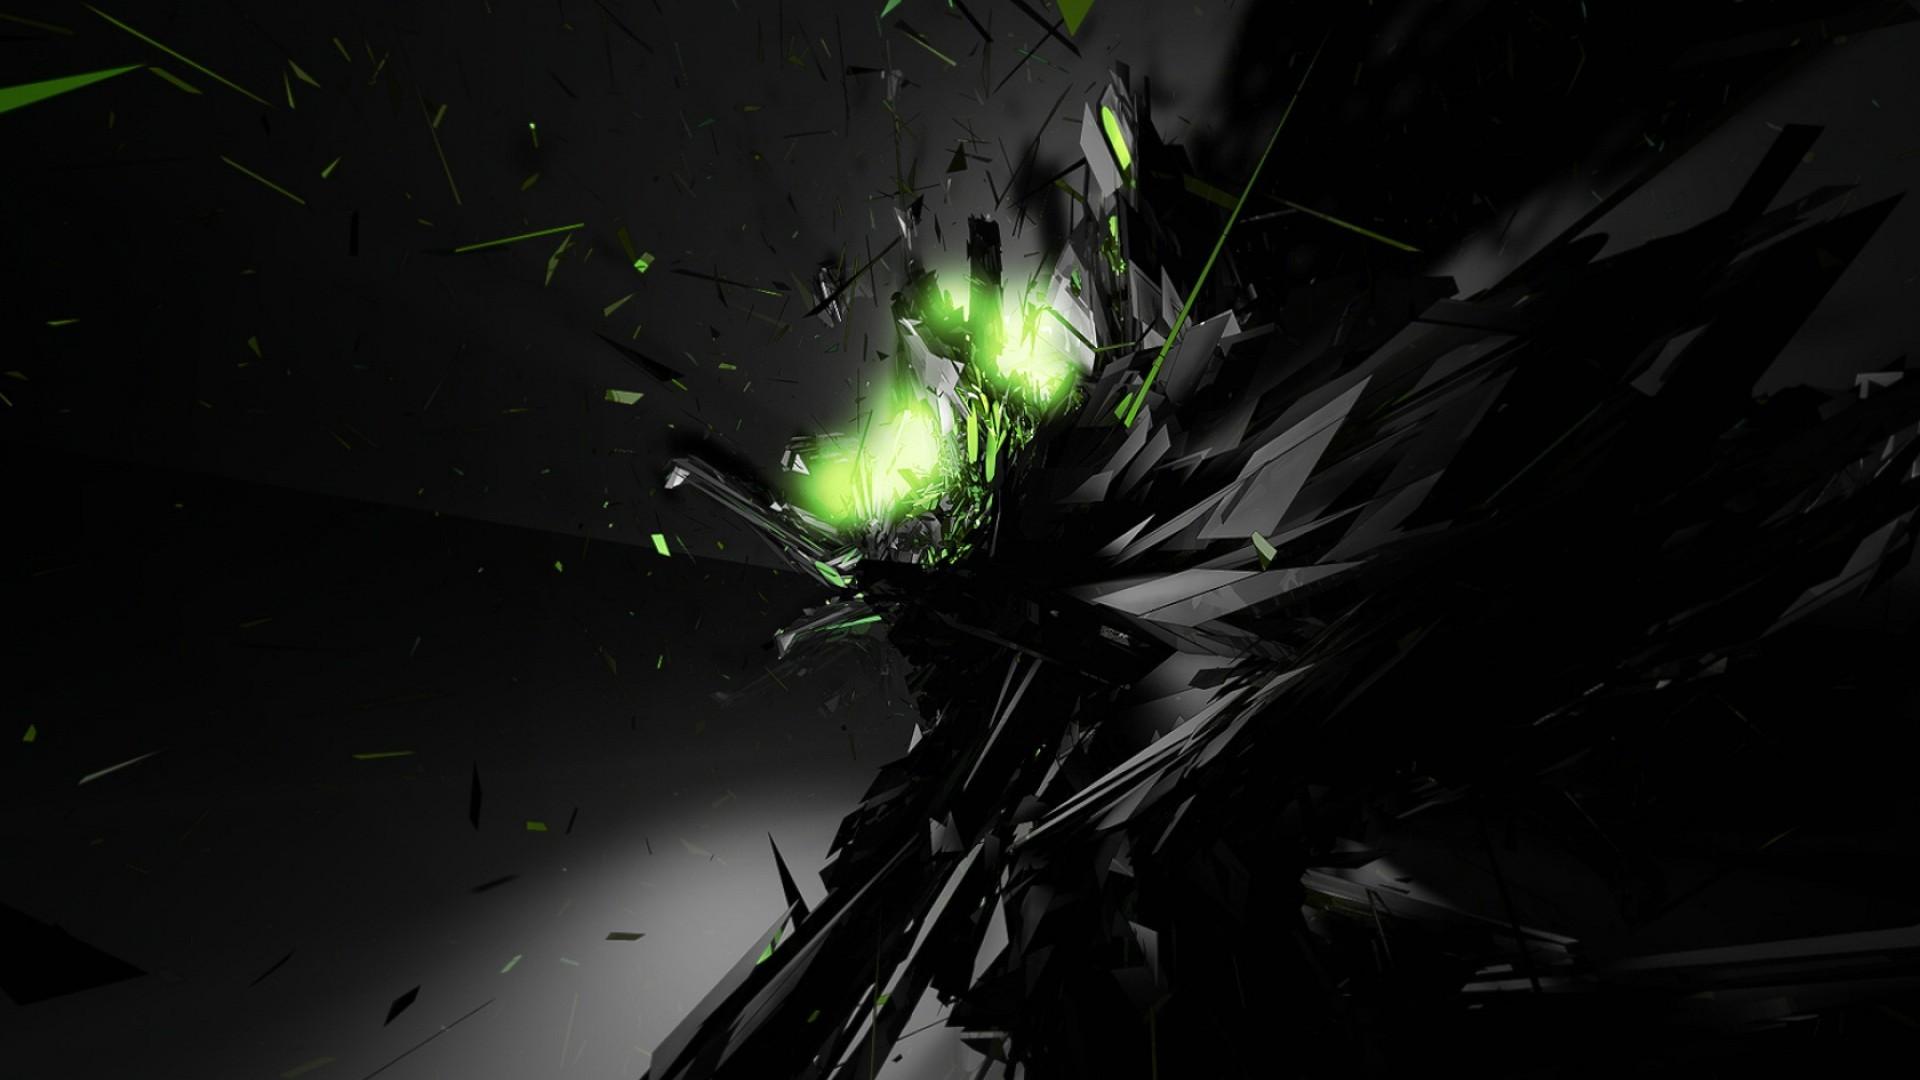 Dark Abstract Desktop Background Wallpapers – https://hdwallpapersf.com/dark-